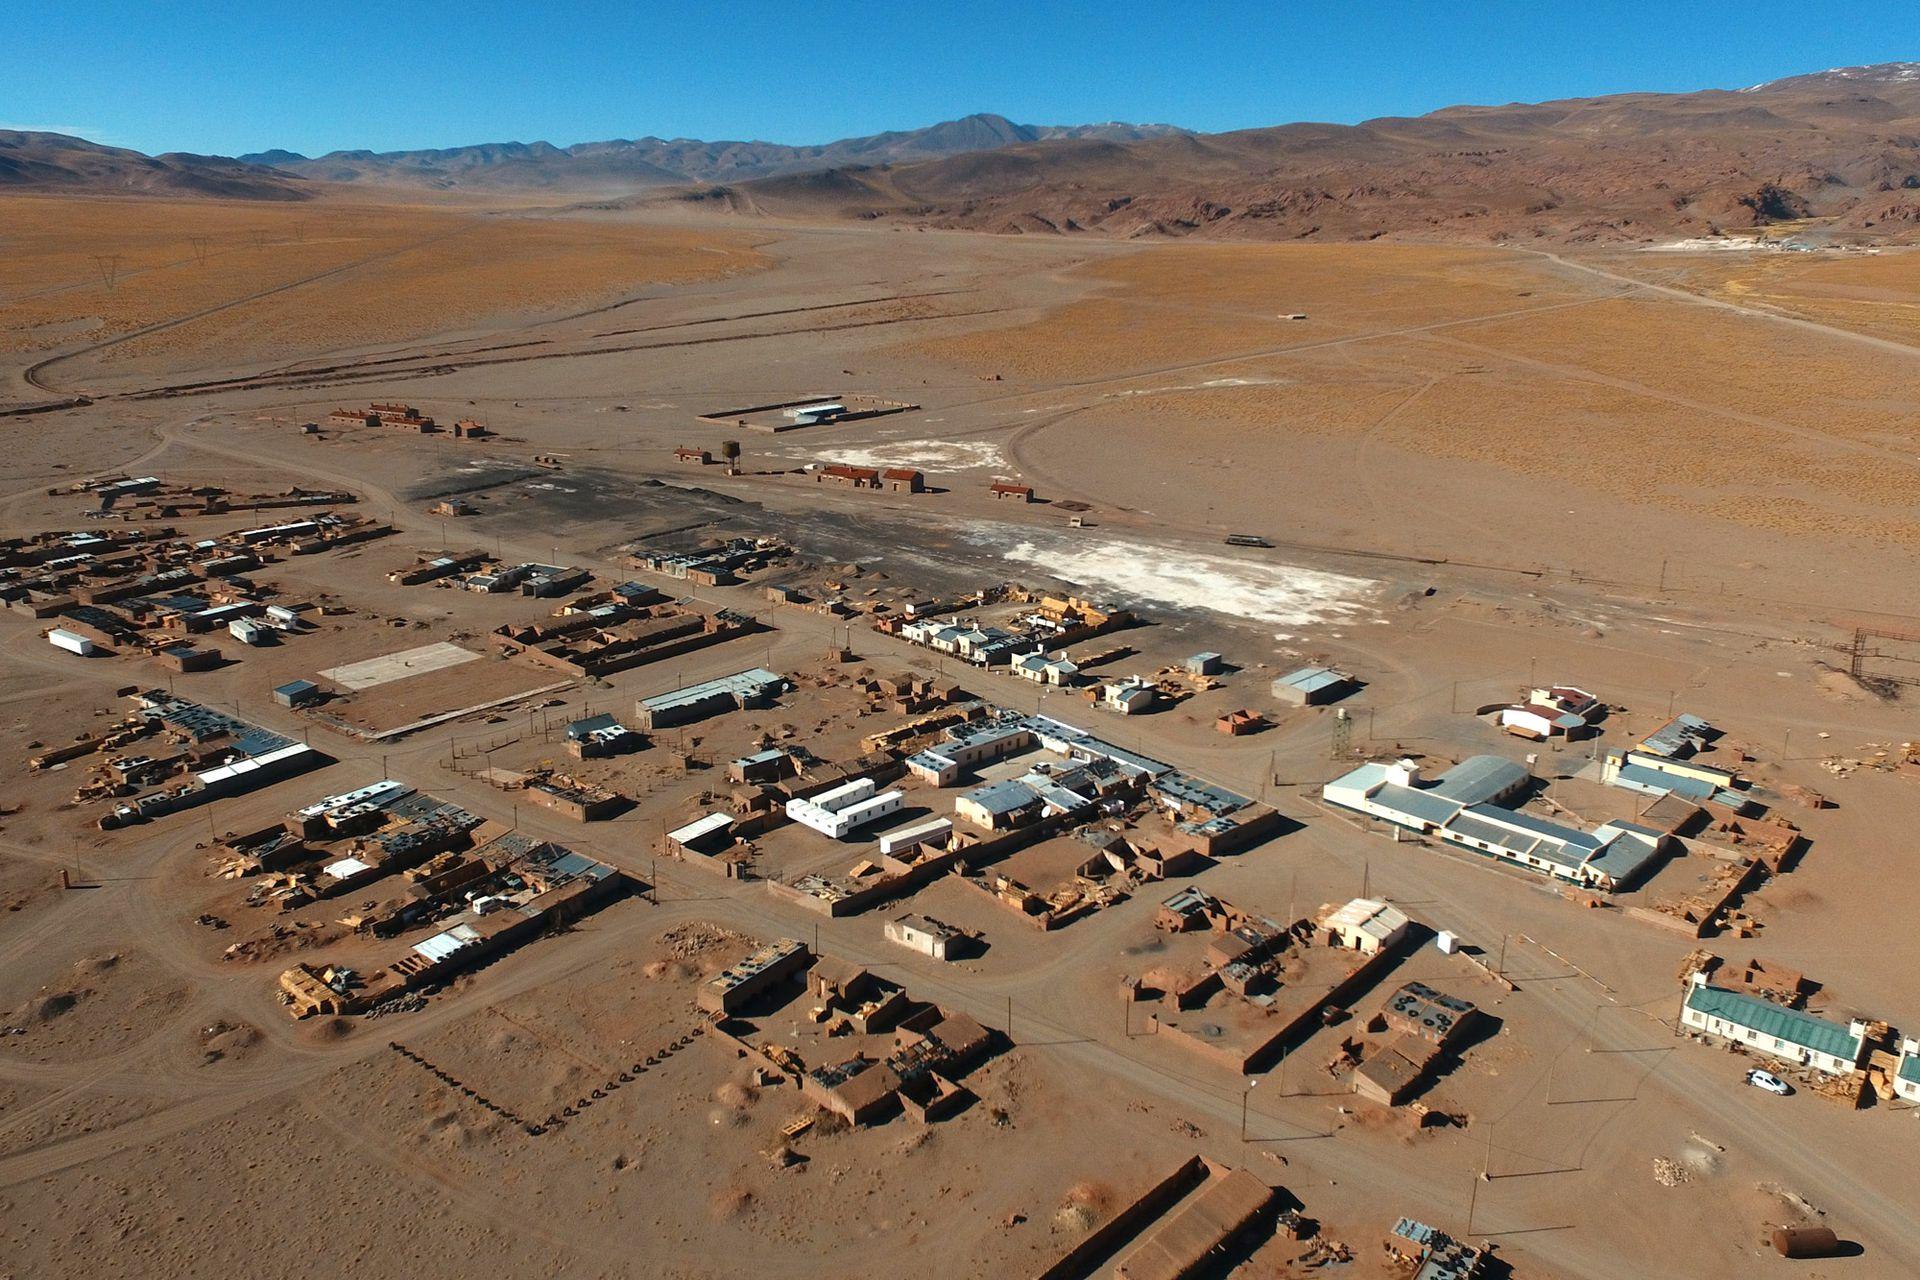 Vista desde el drone del pueblo de Olacapato